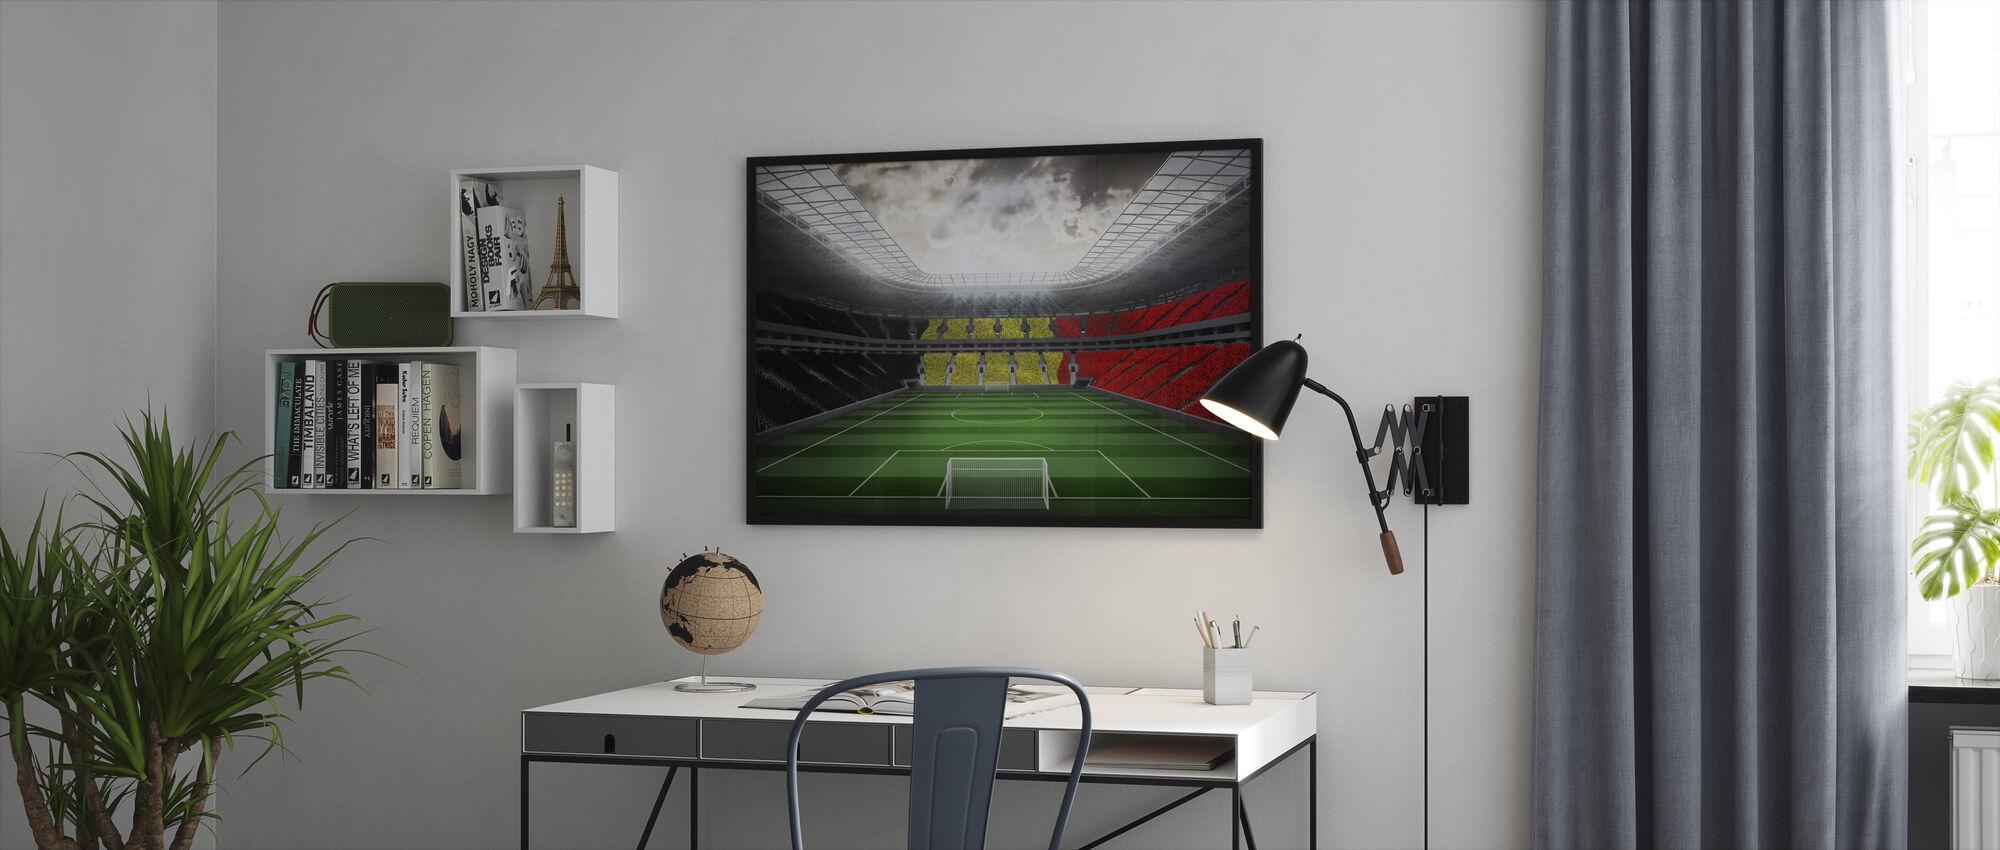 Giant Soccer Stadium - Framed print - Office